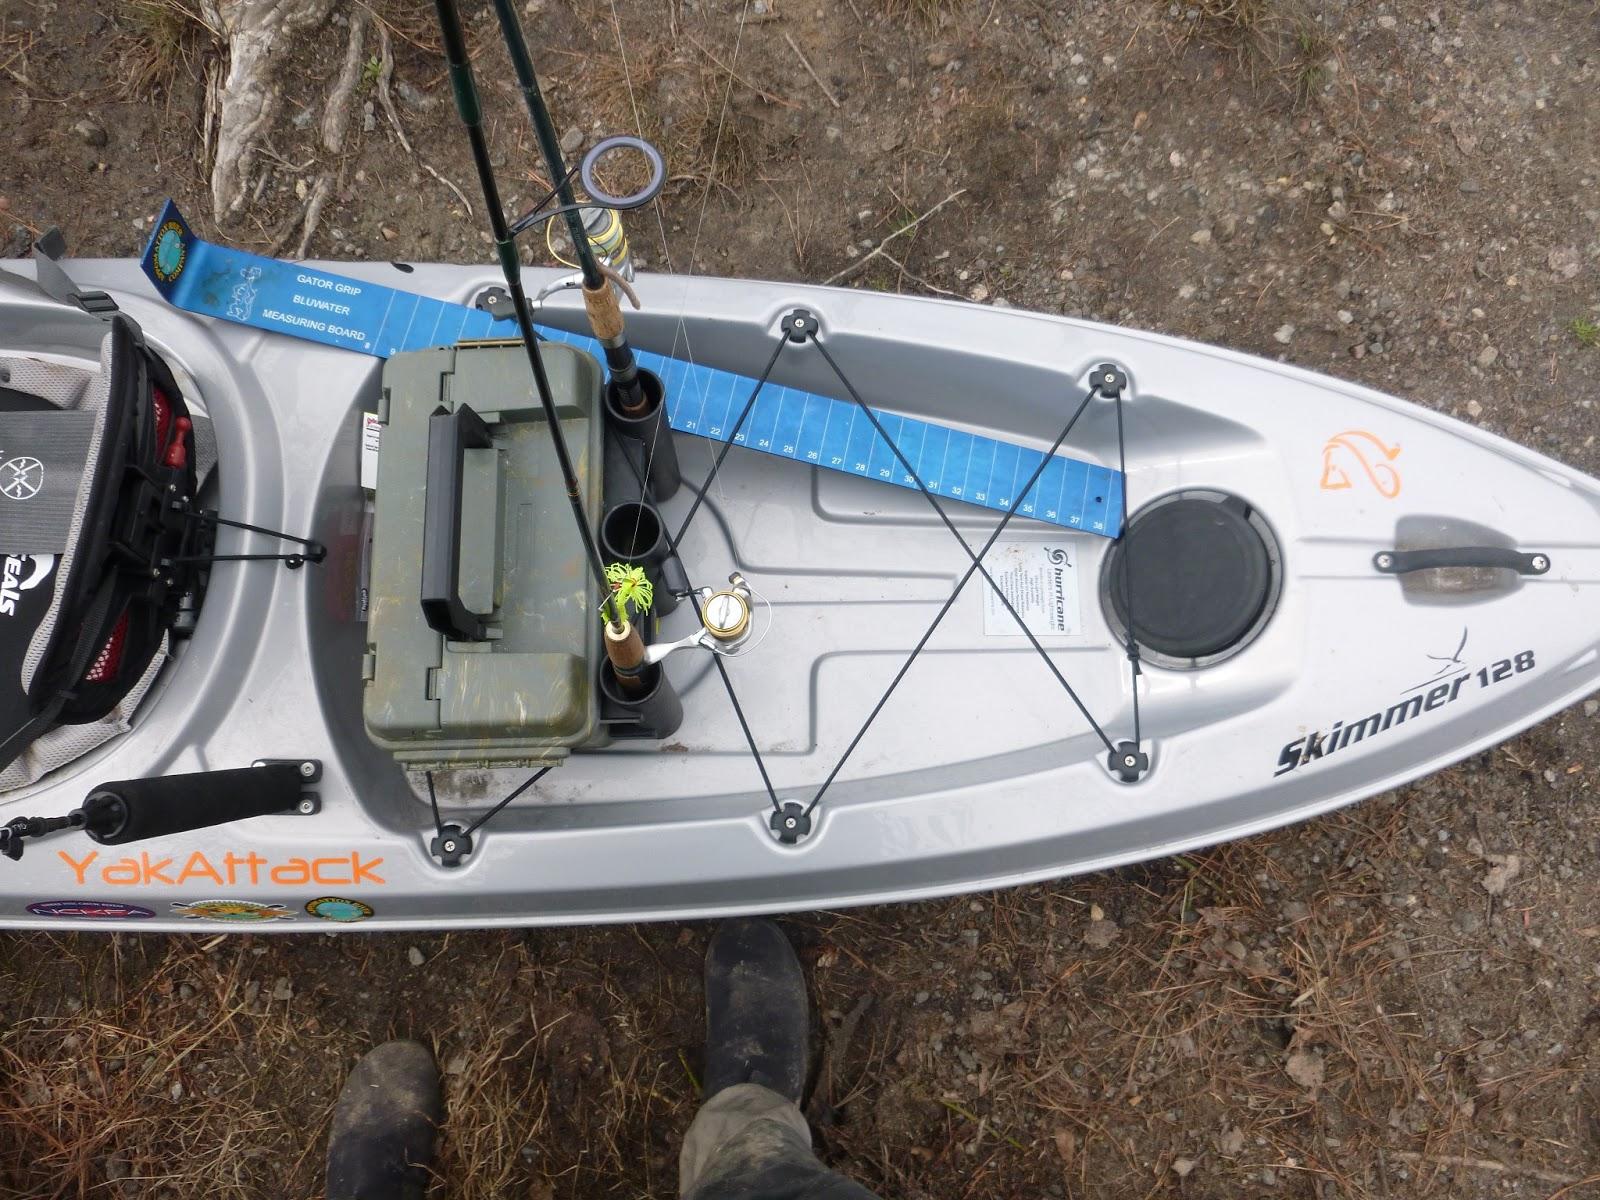 Coastal kayak fishing simple hurricane skimmer 128 rigging for Fishing kayak with livewell